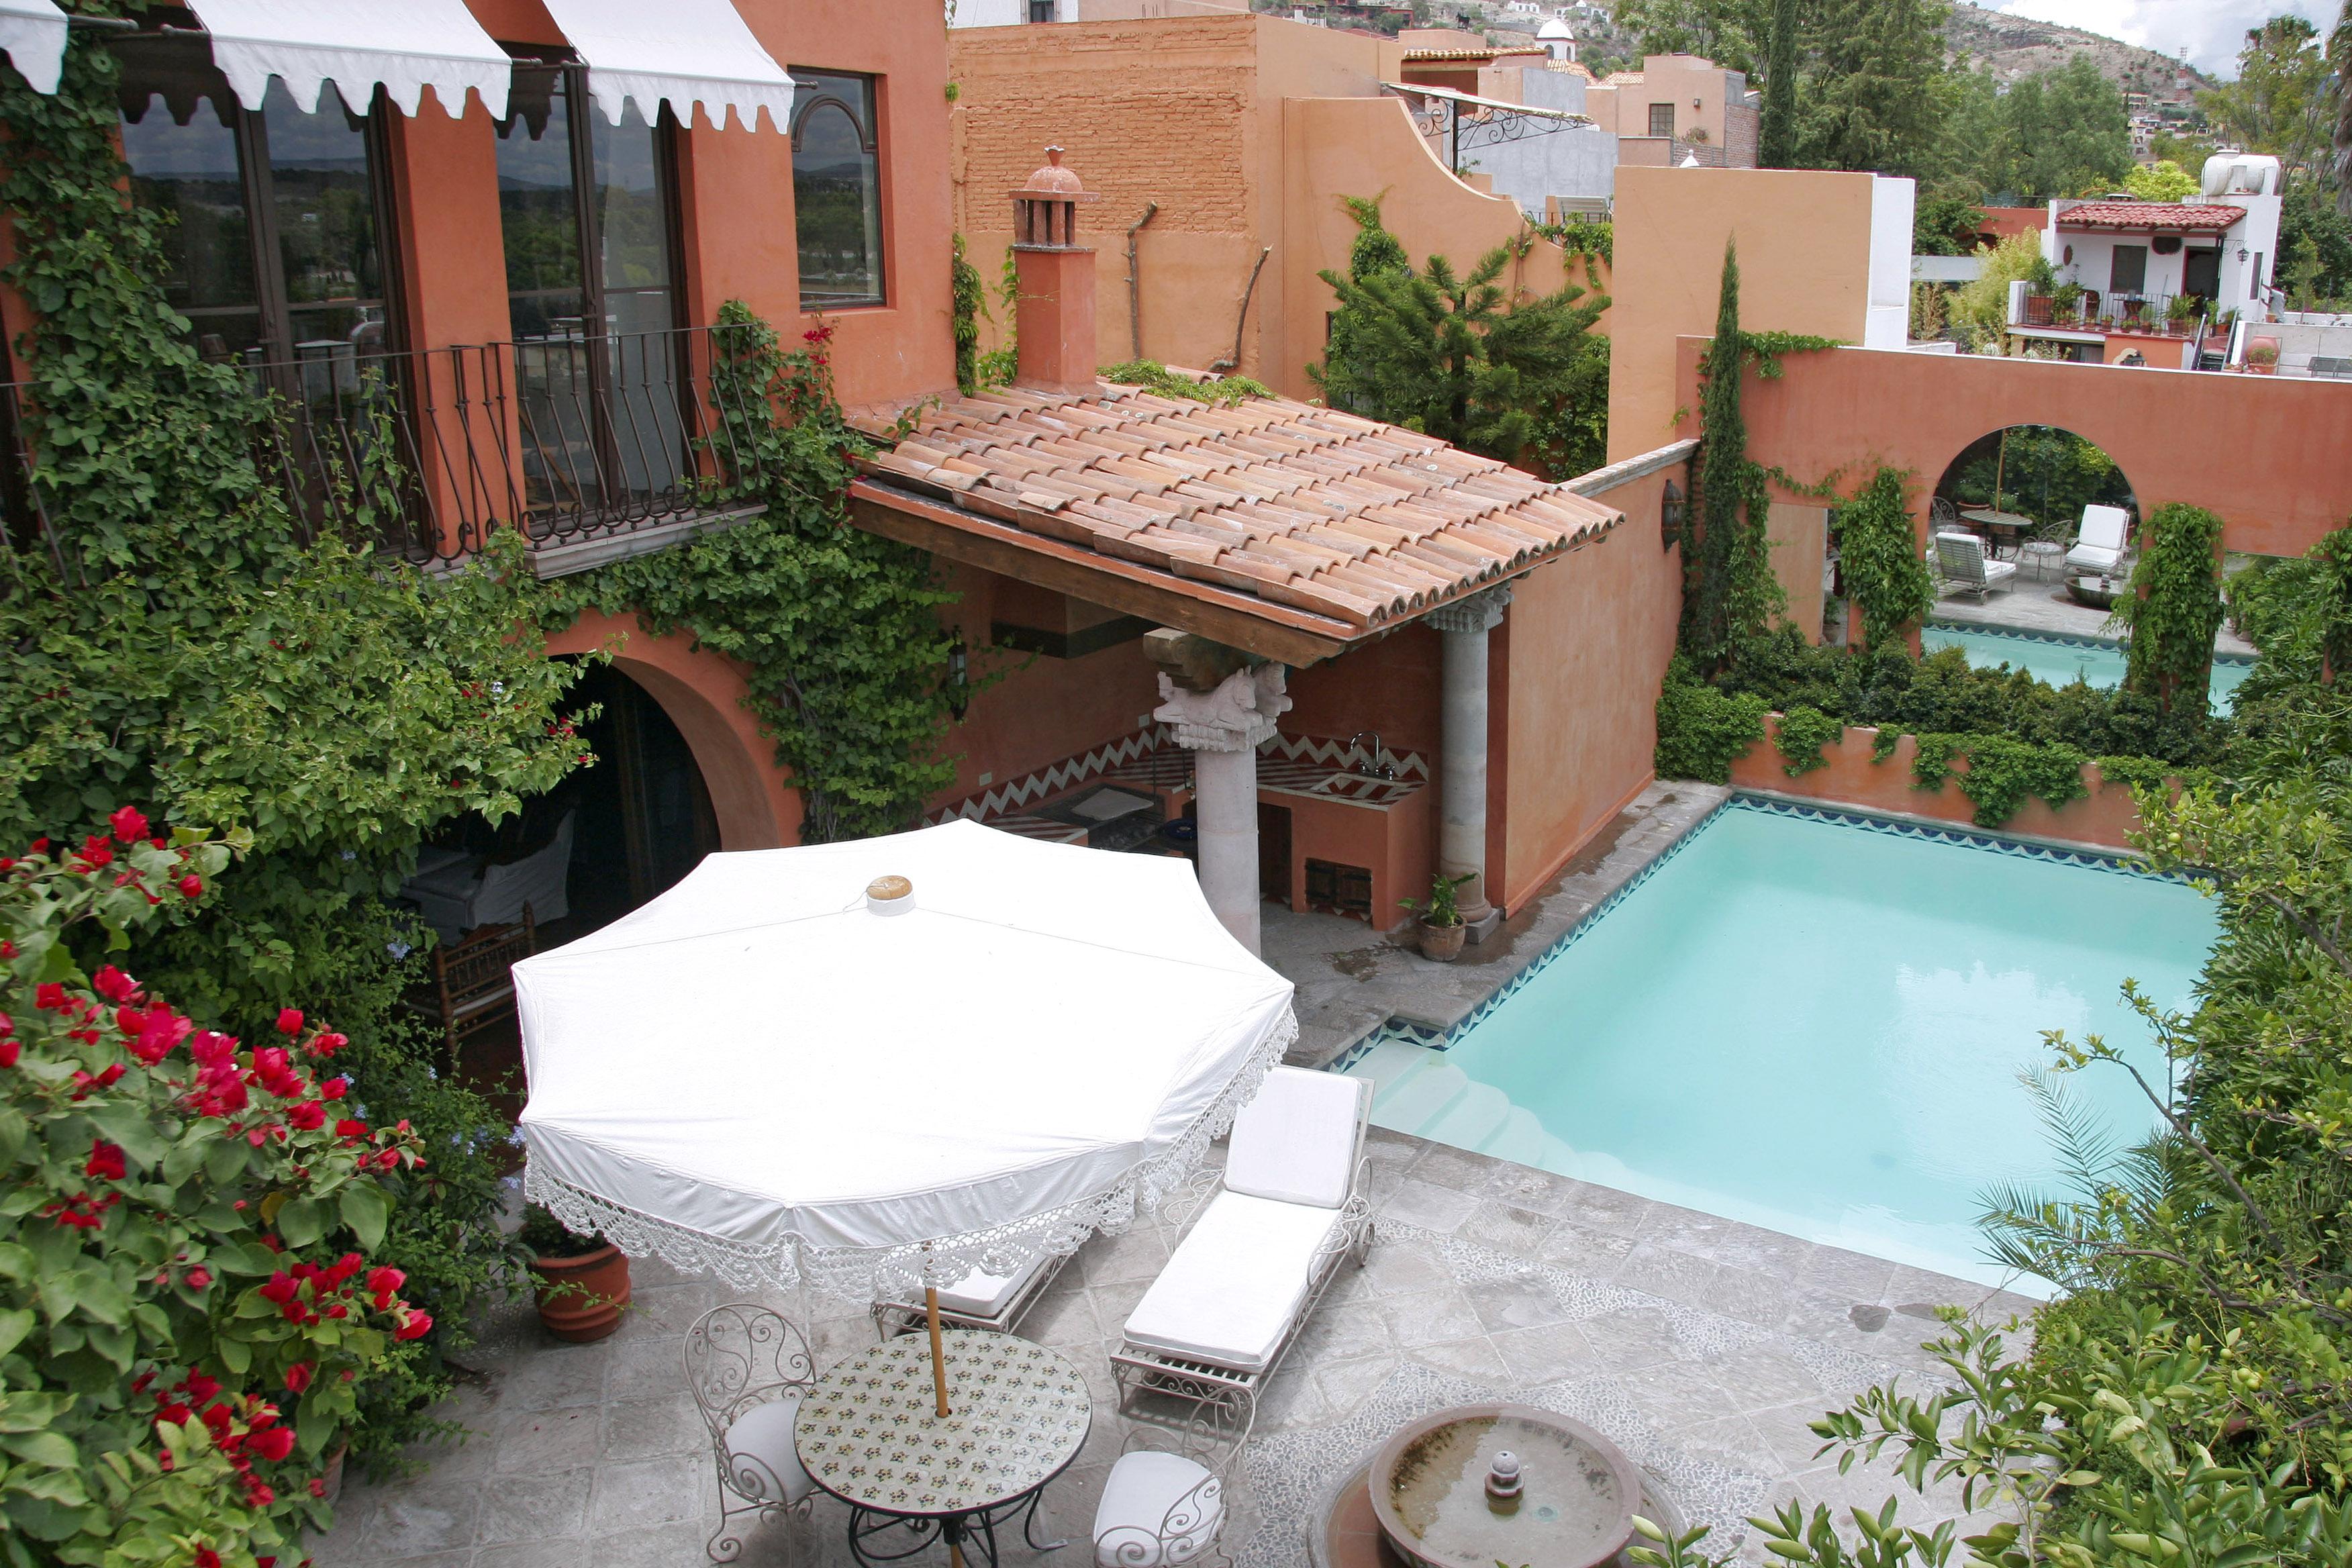 단독 가정 주택 용 매매 에 Aldama San Miguel De Allende, Guanajuato 37700 멕시코